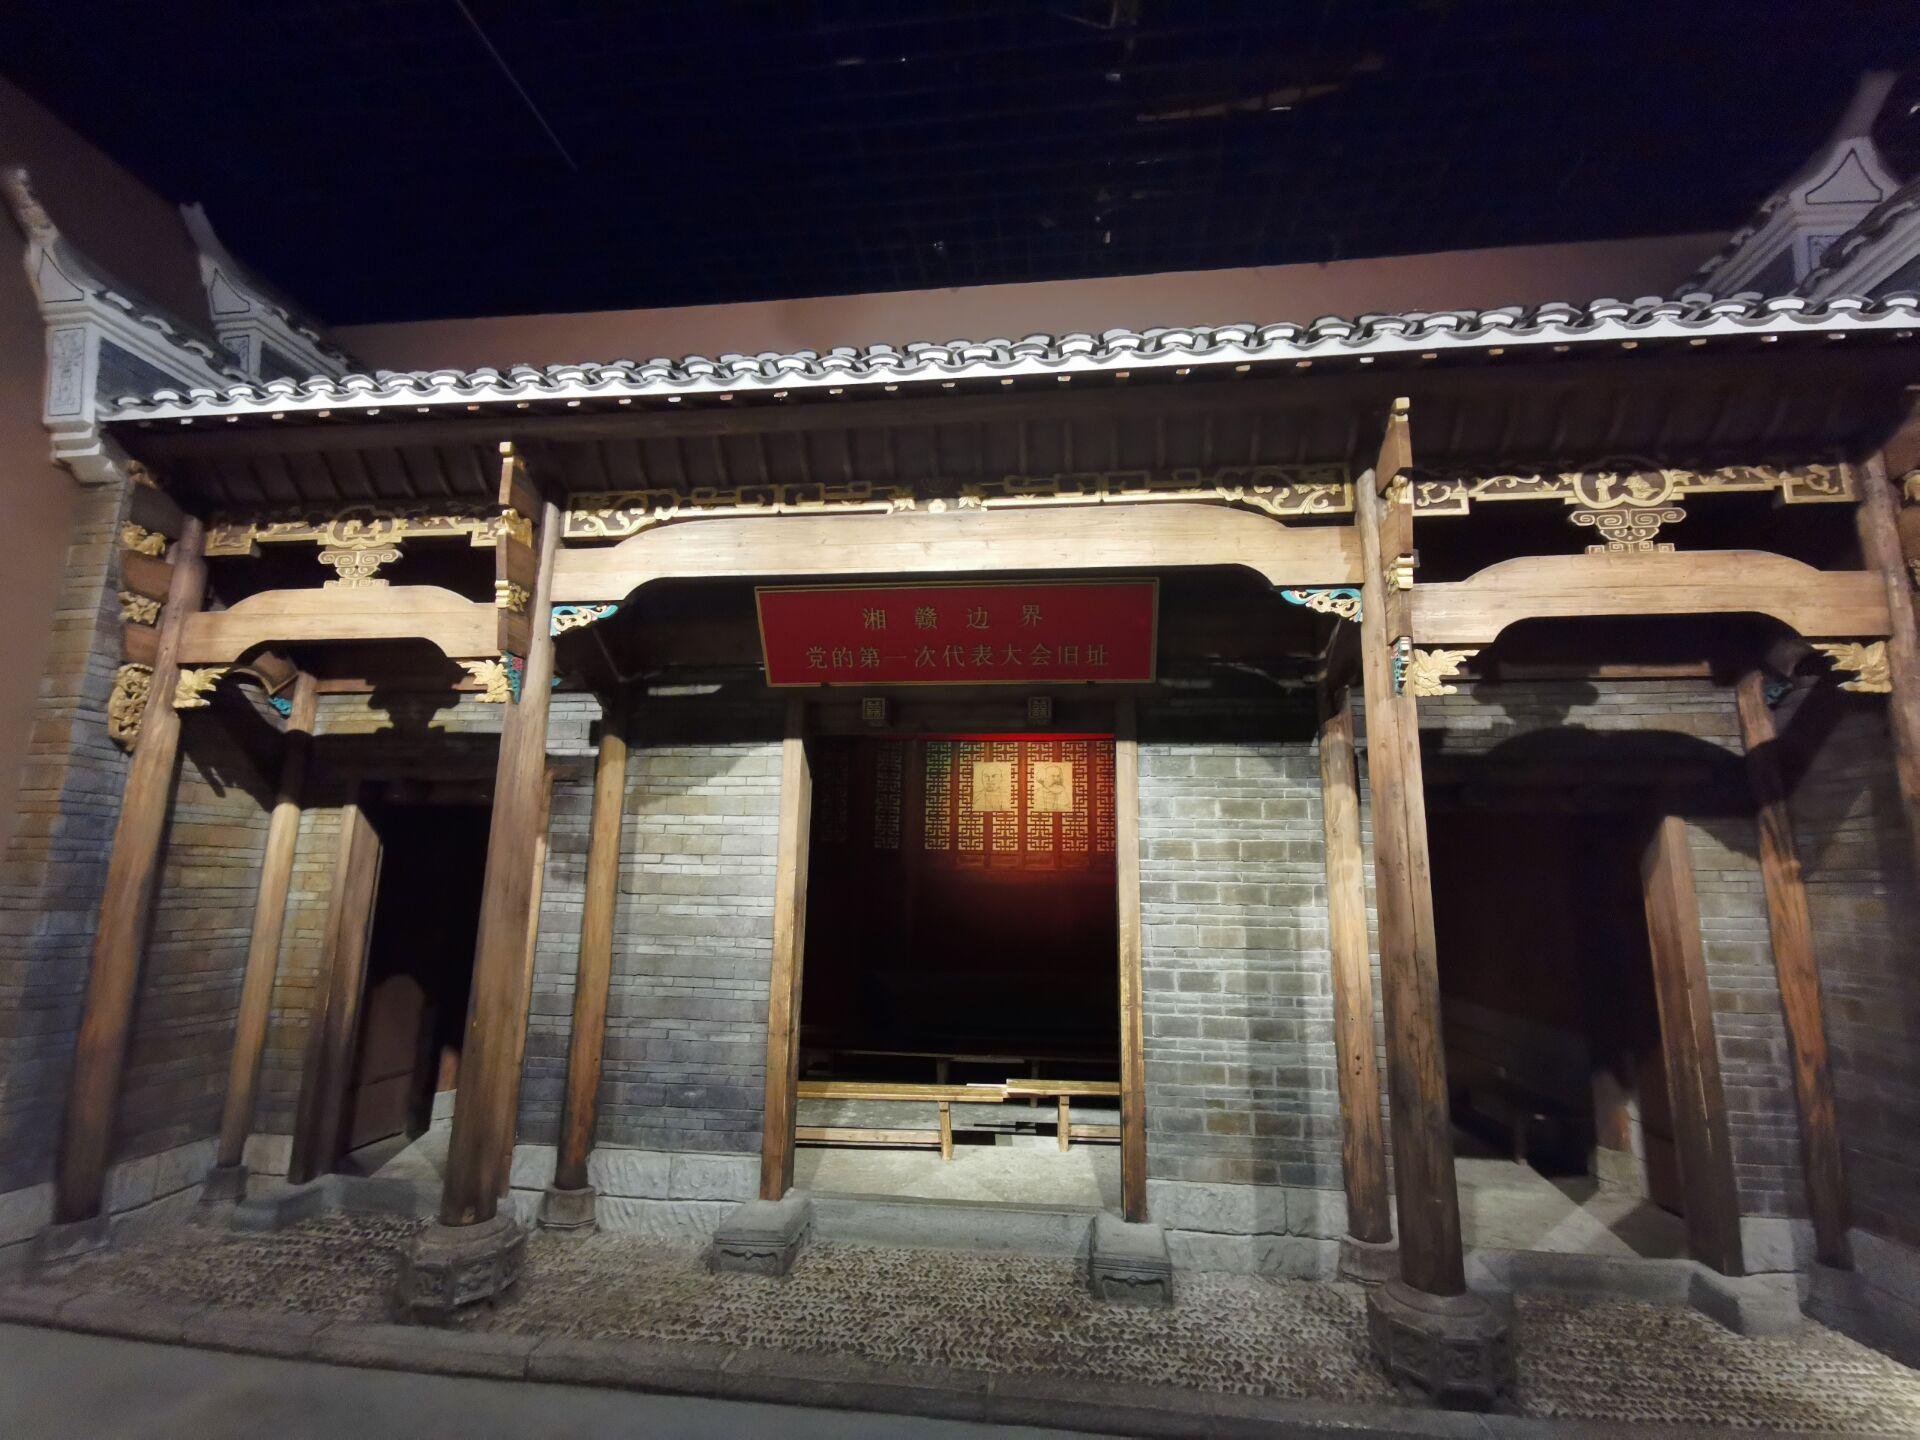 井冈山之博物馆景物画面10.jpg